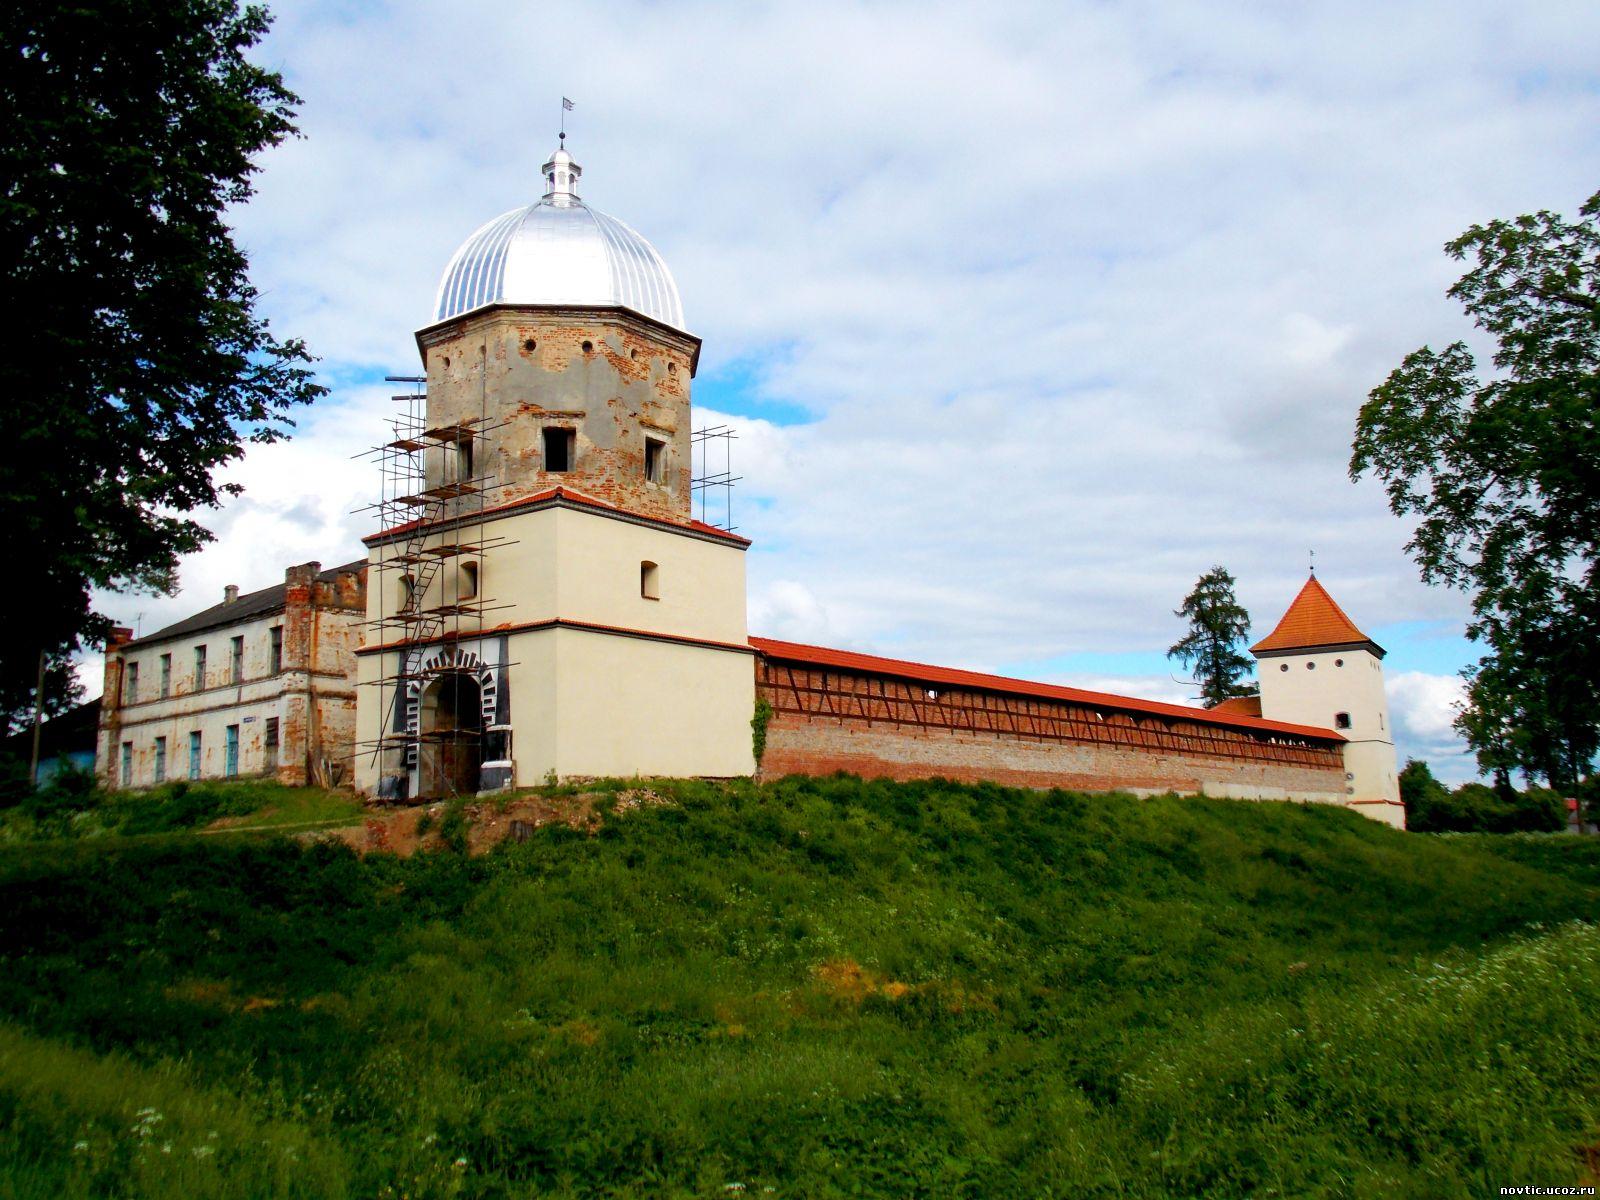 441: Веломаршрут «Летописная Литва» – 53 км